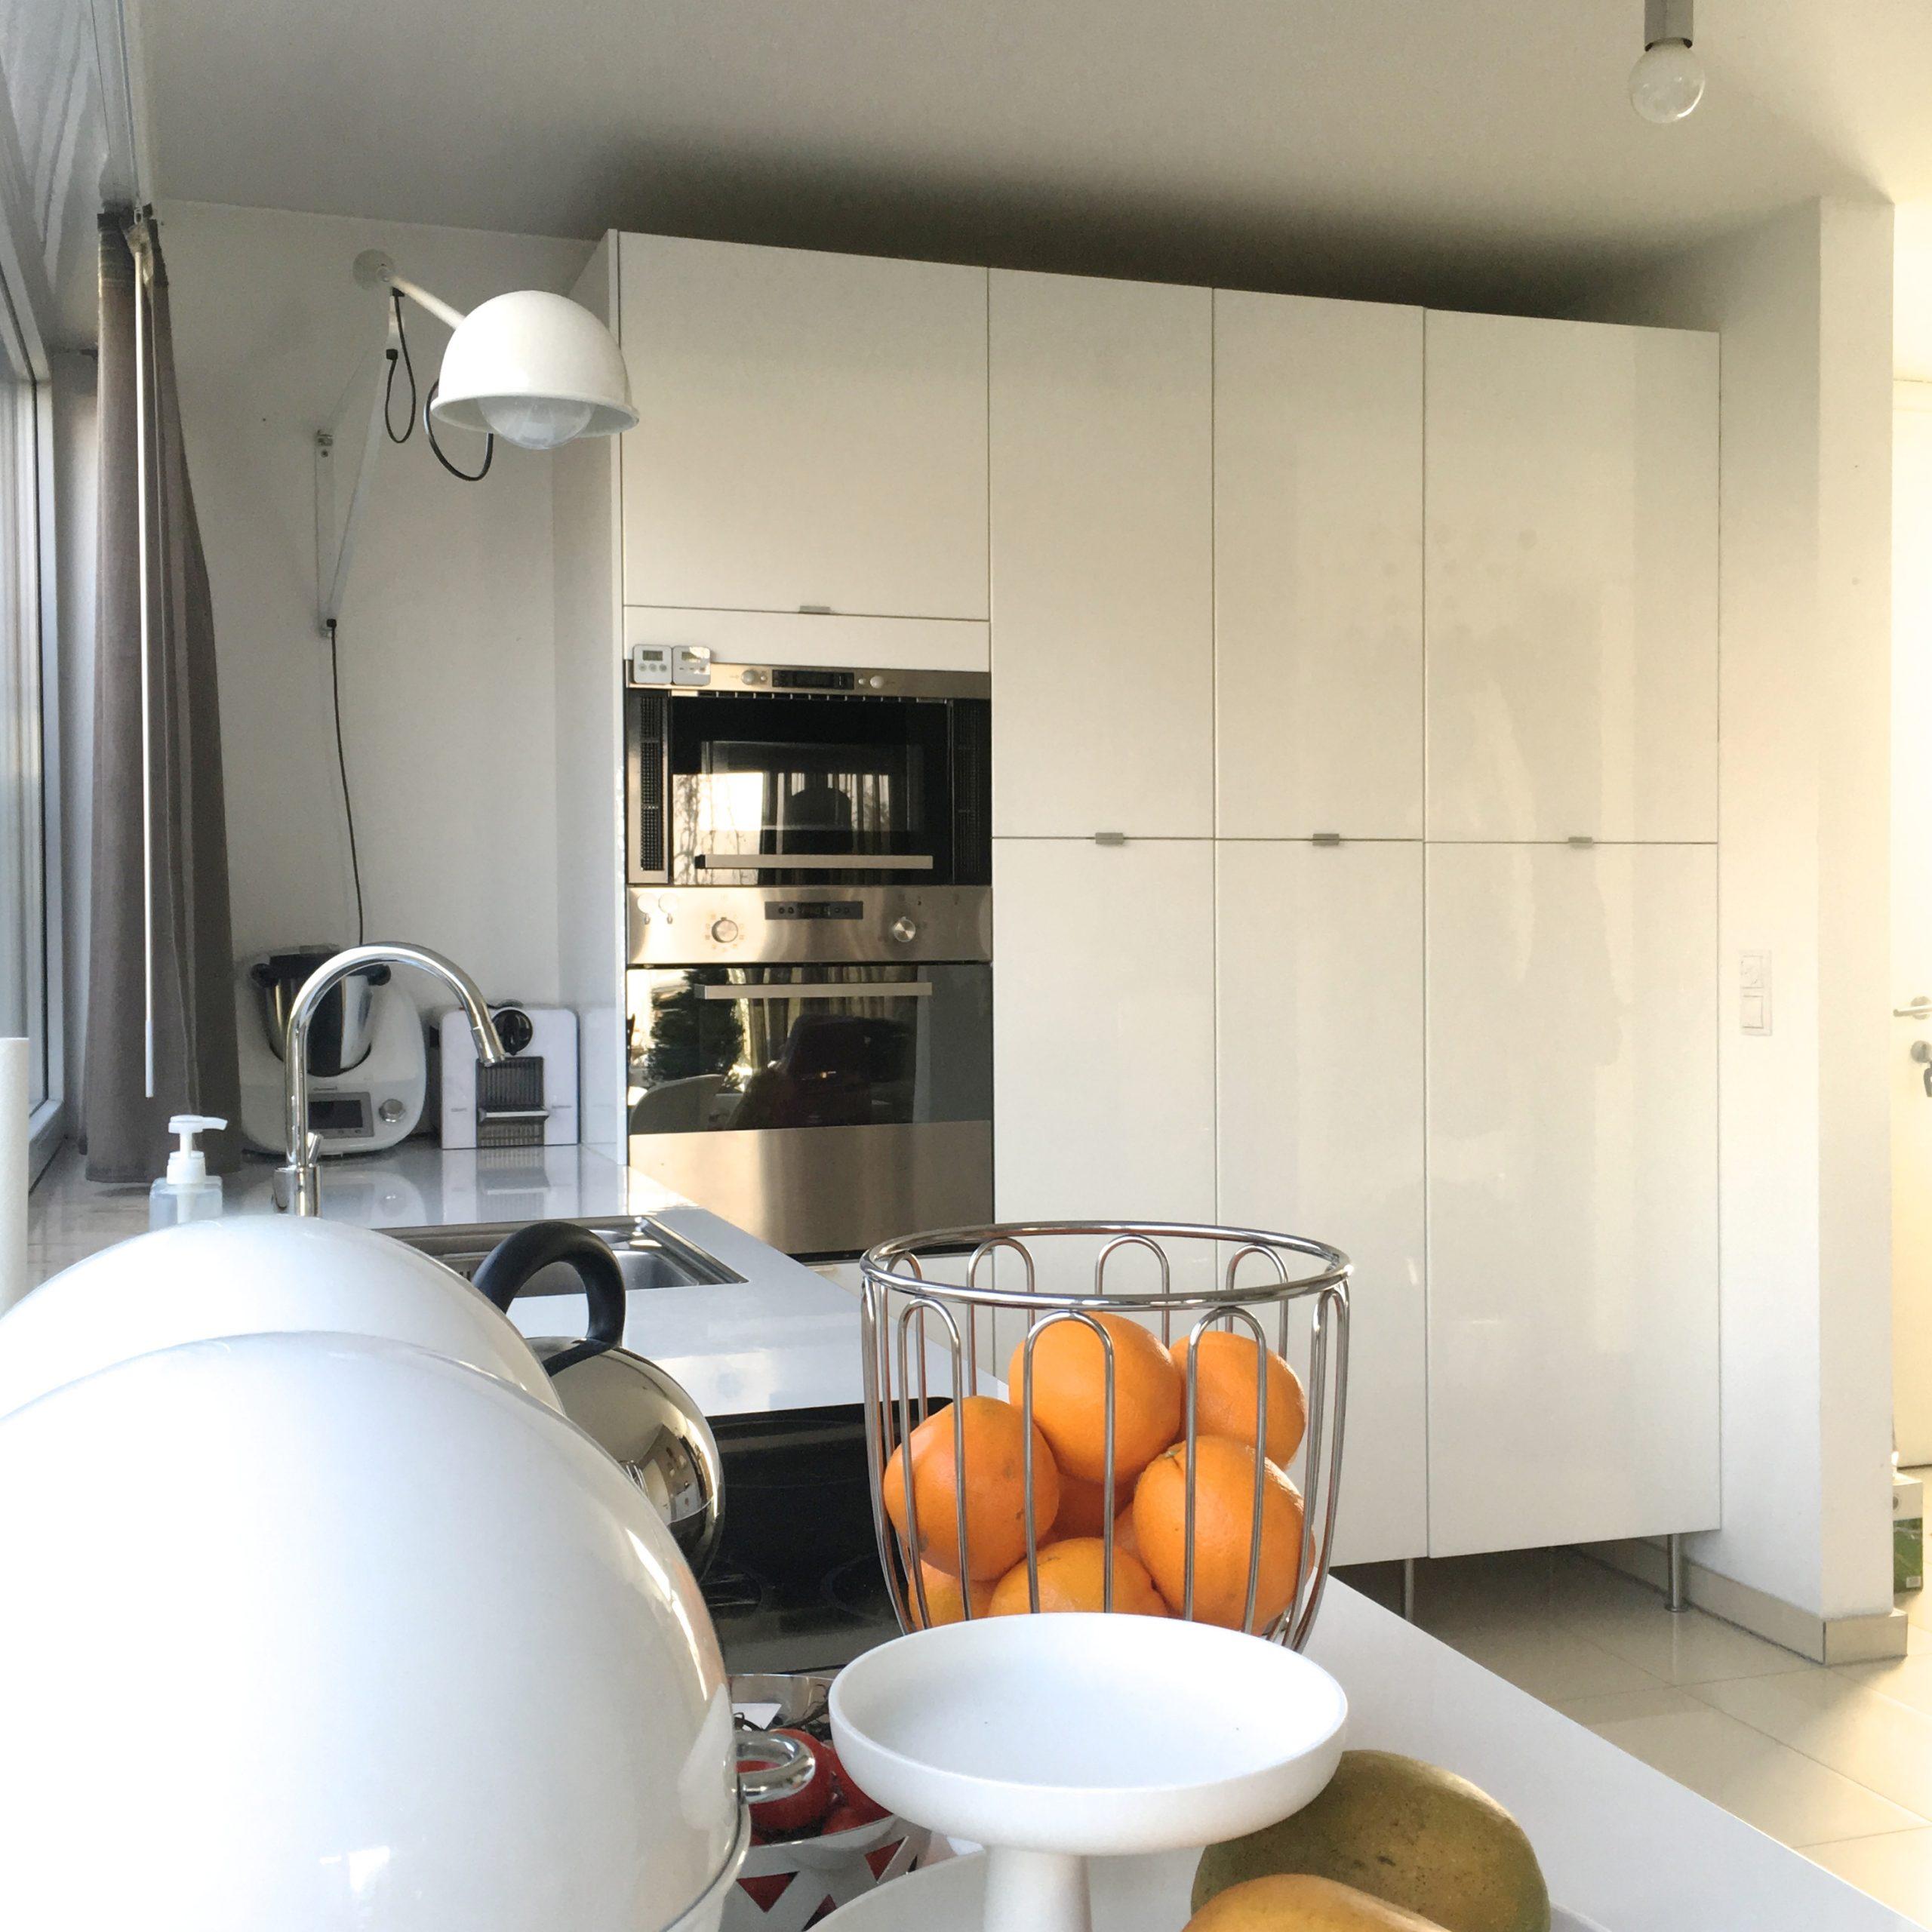 Full Size of Ikea Miniküche Sofa Mit Schlaffunktion Betten 160x200 Modulküche Küche Kosten Küchen Regal Bei Kaufen Wohnzimmer Ikea Küchen